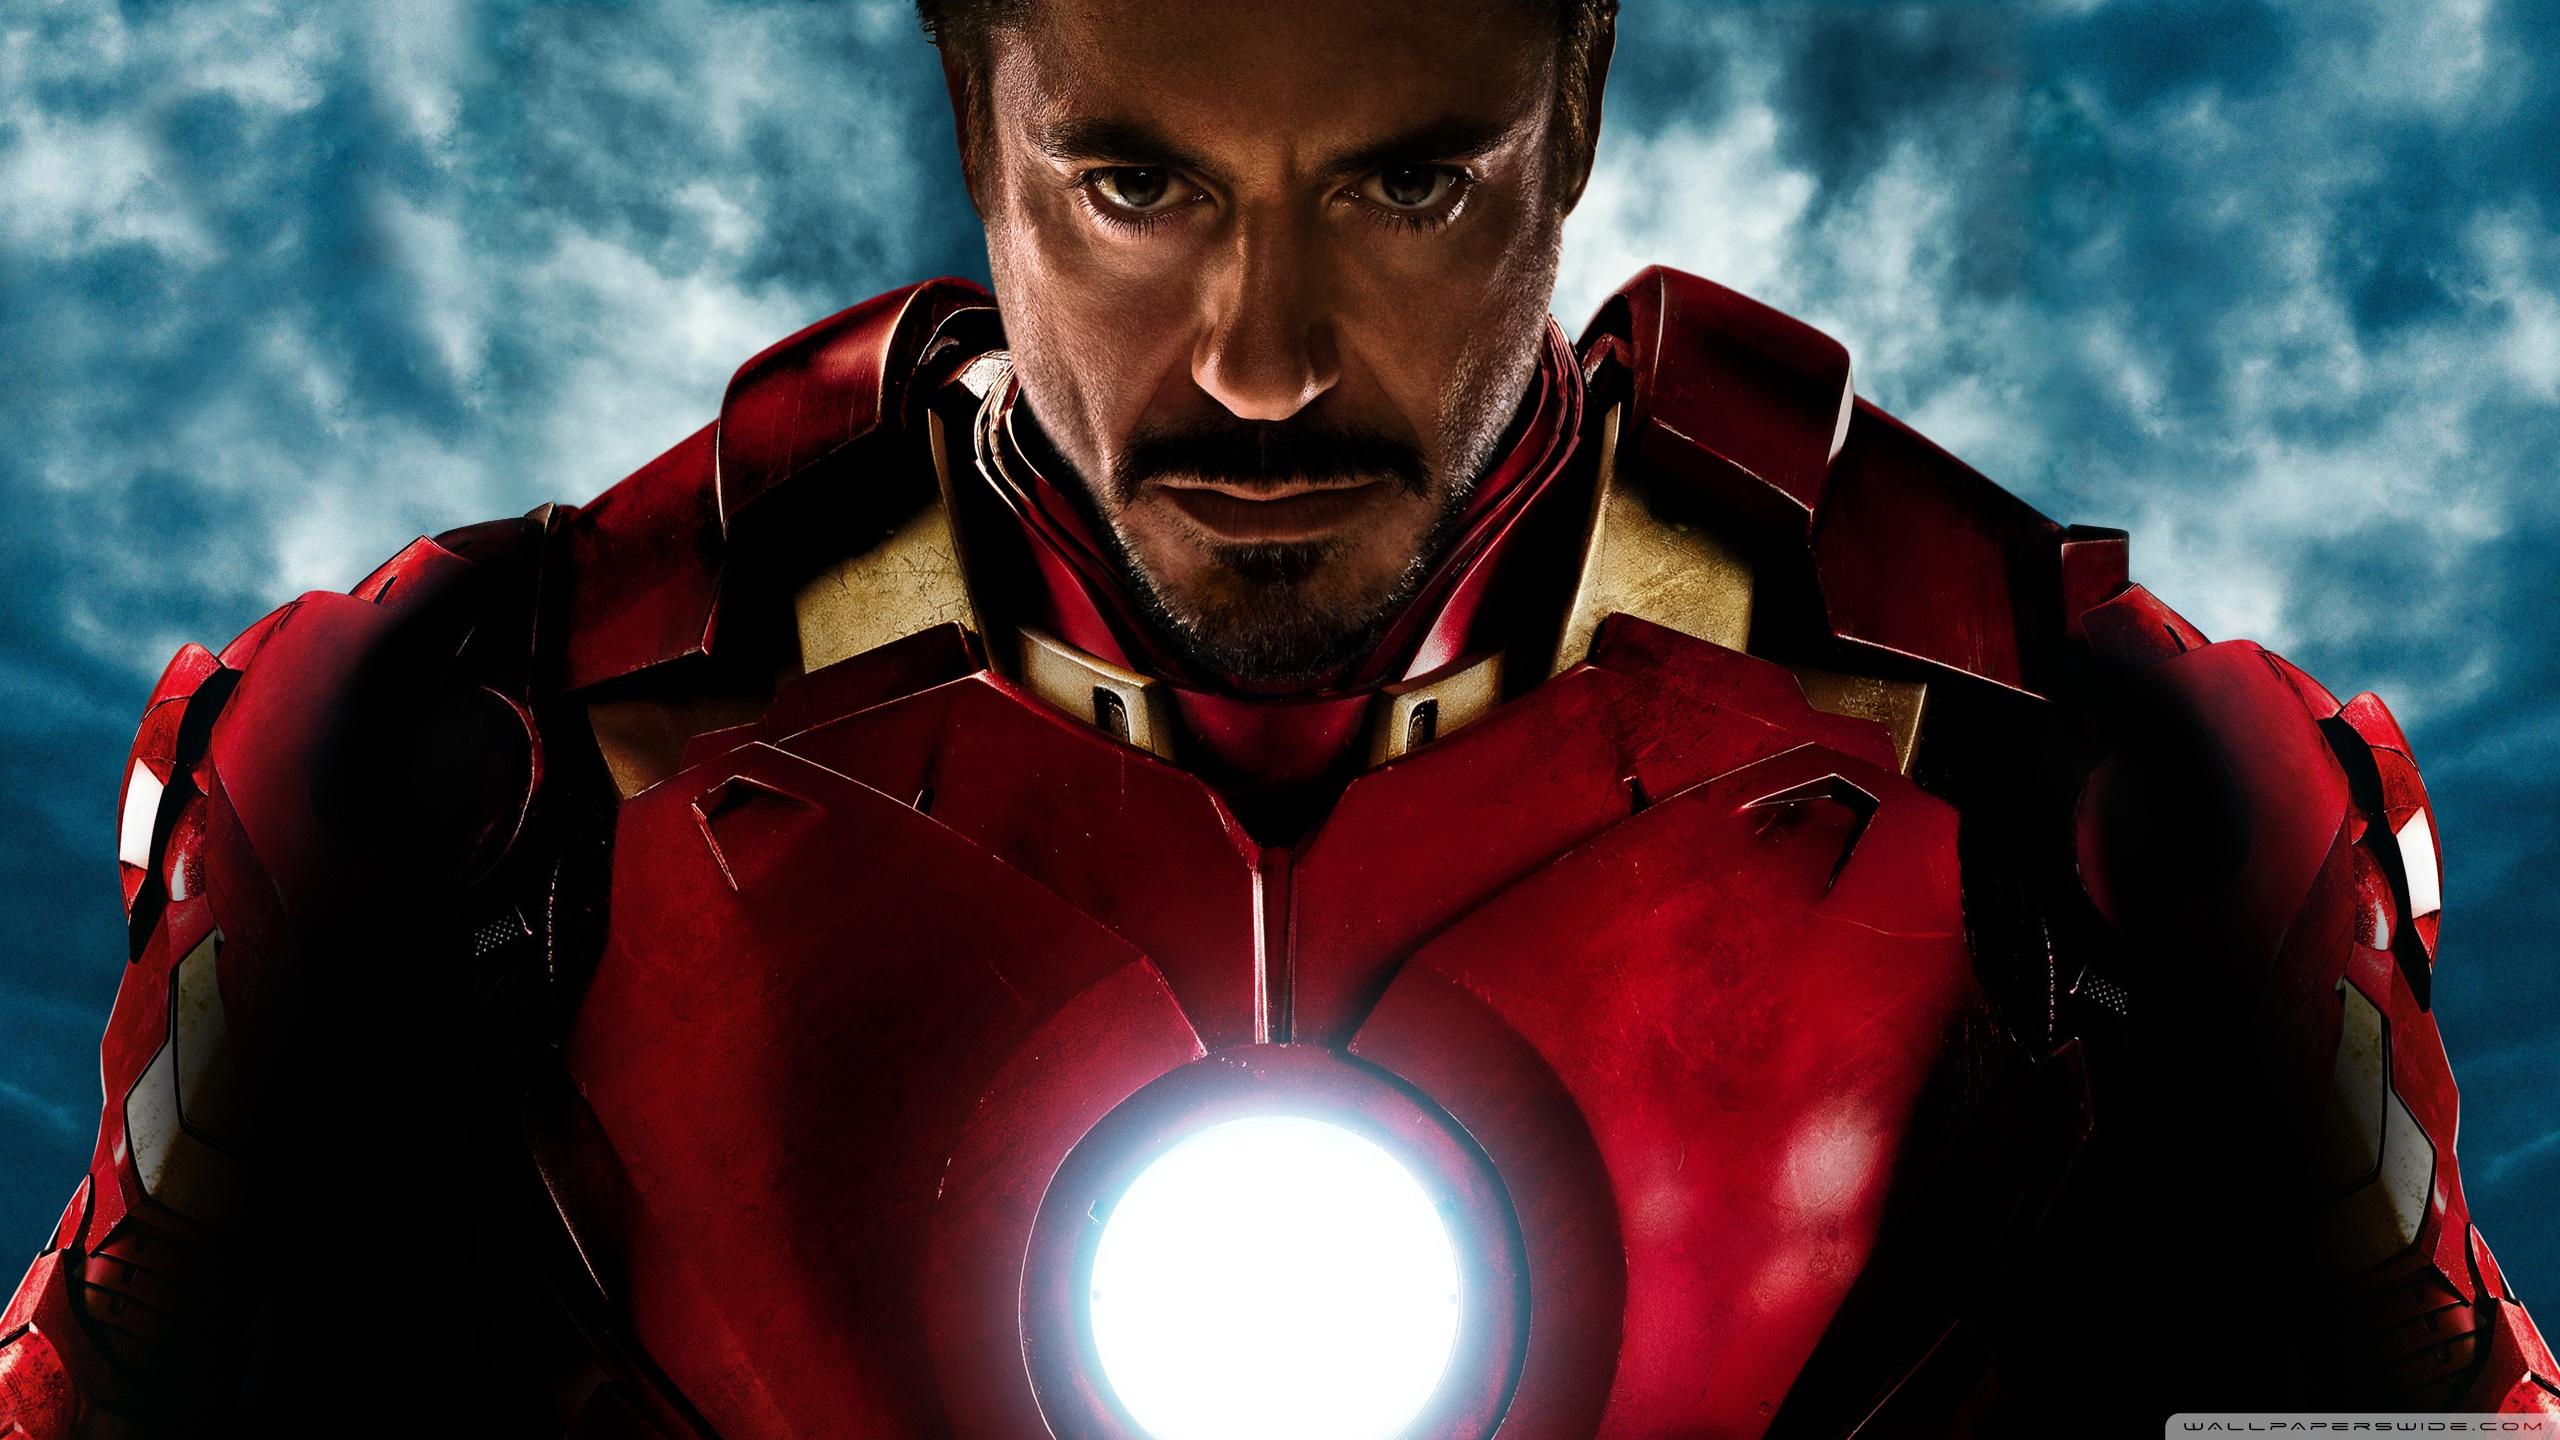 Iron Man Robert Downey Jr 2560x1440